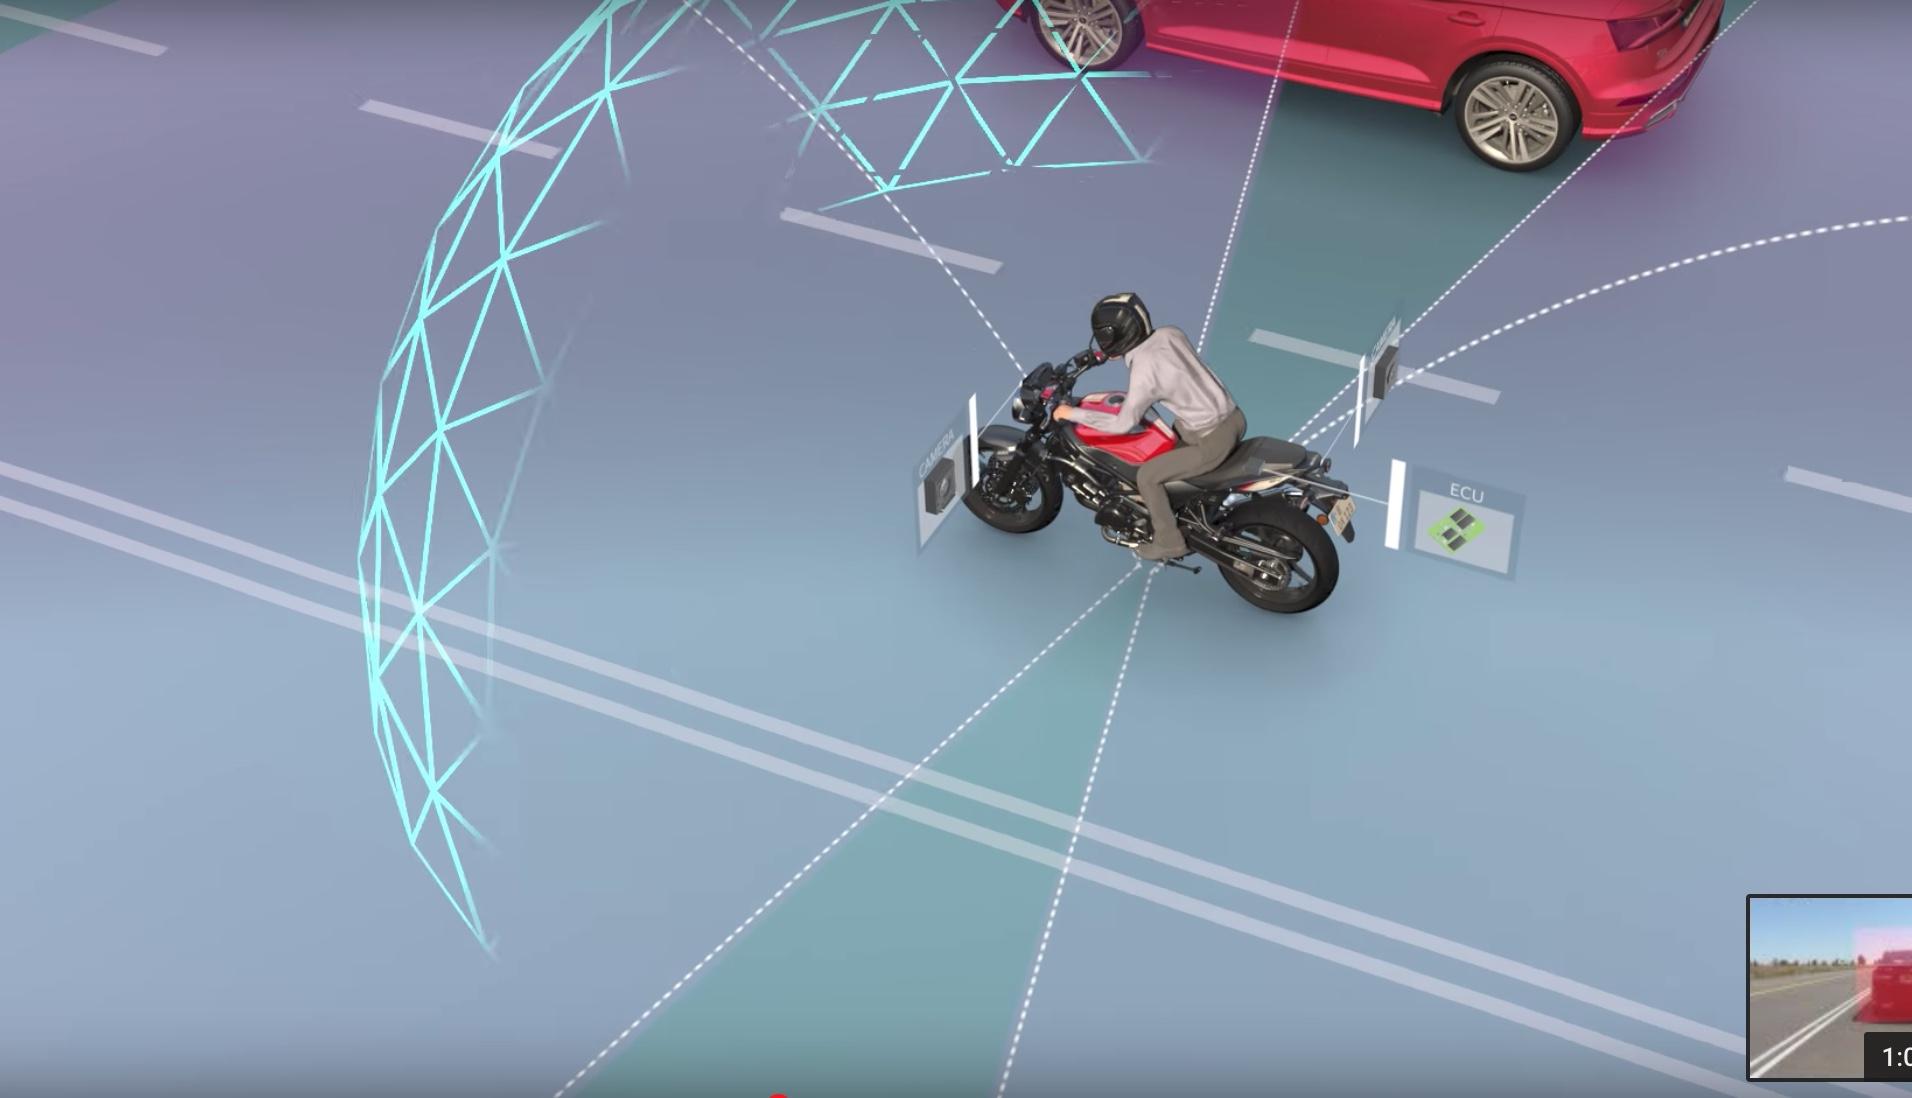 Israeli tech start-up reveals 360° bike vision